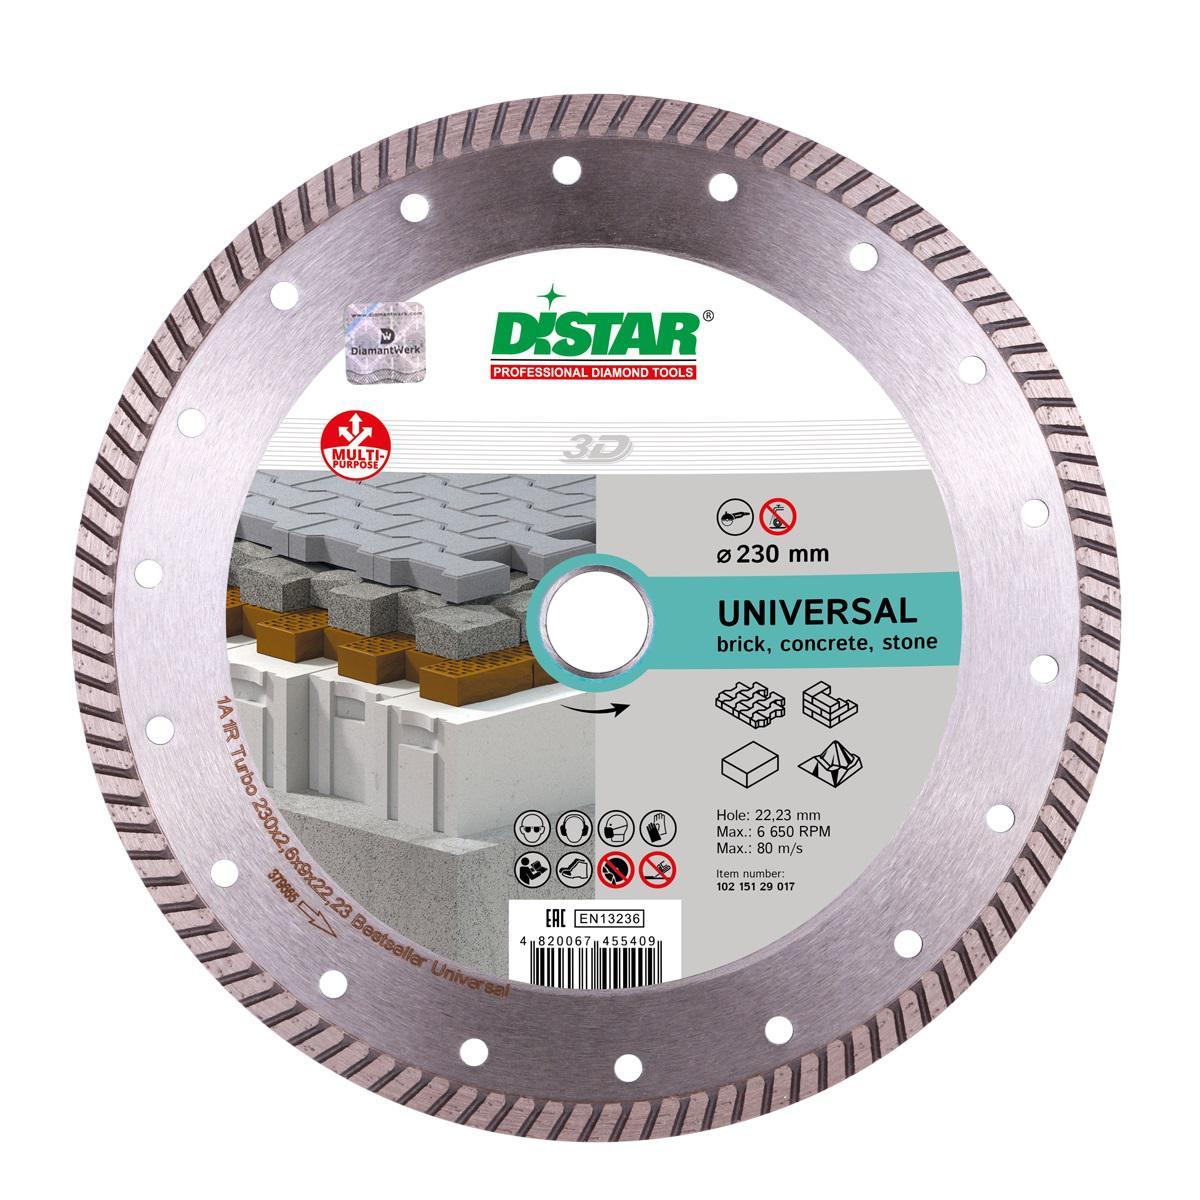 Круг алмазный Di-star 1a1r turbo 230x2,6x9x22,23 bestseller universal диск алмазный турбо 200x25 4 di star